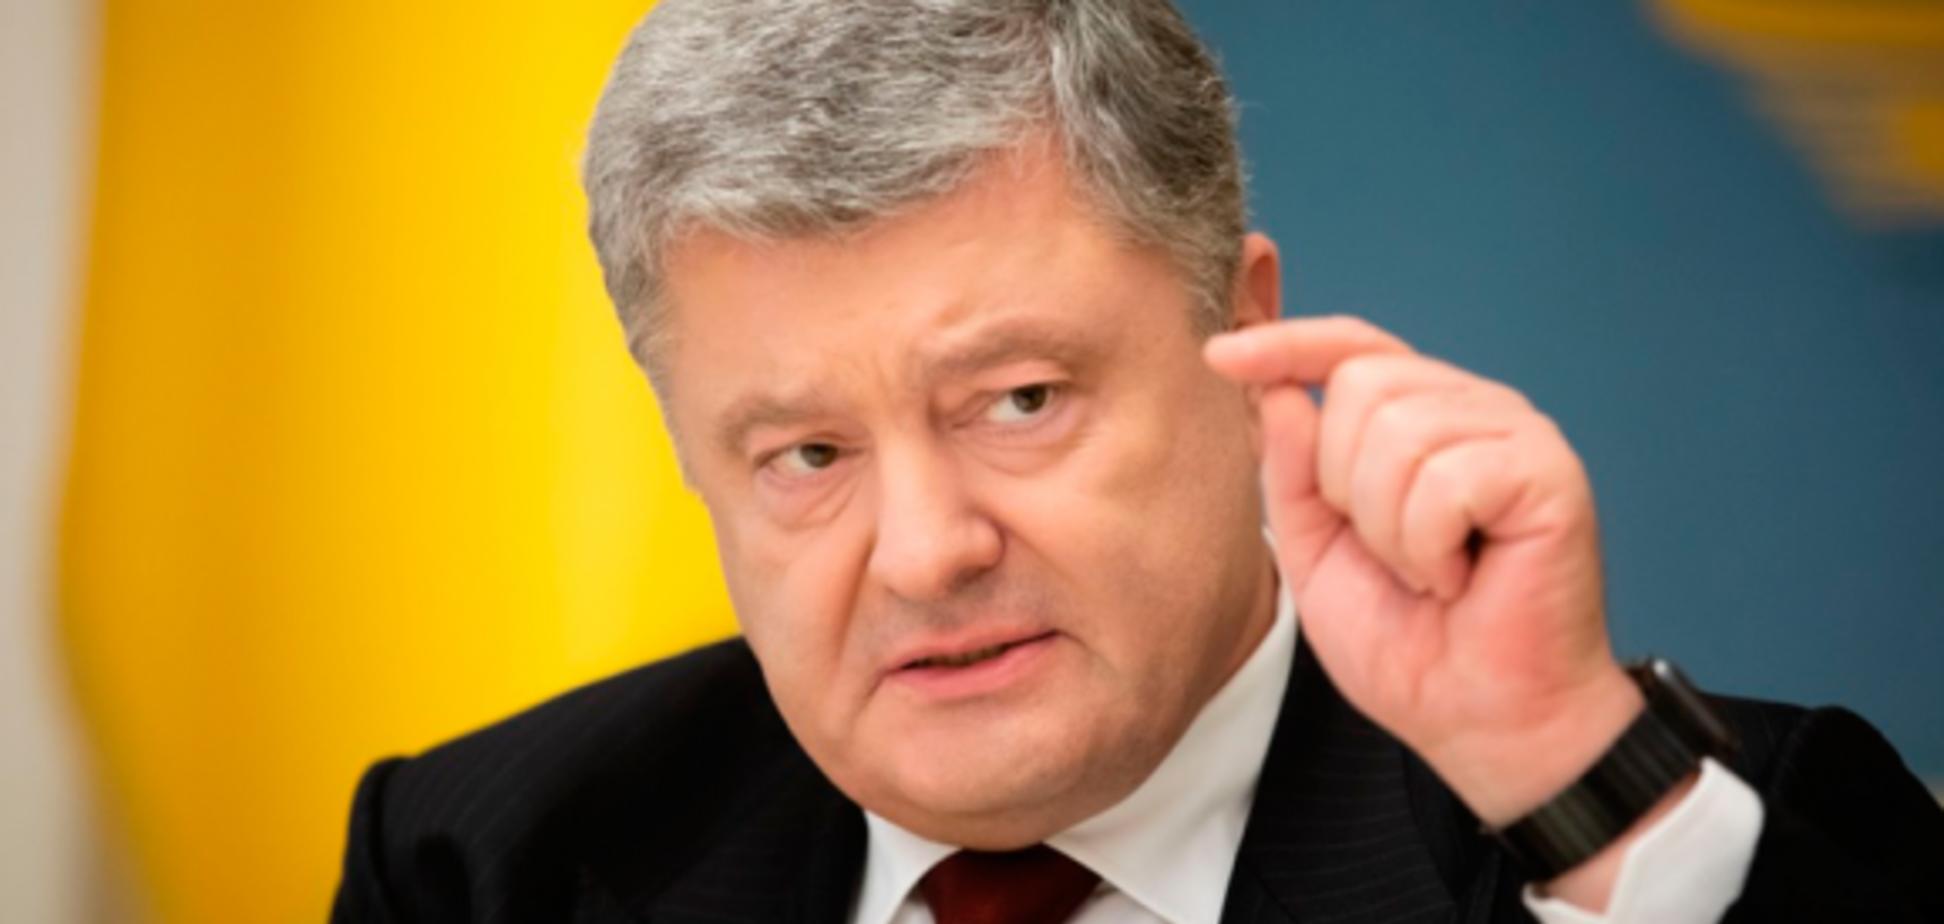 'У нас много сюрпризов': Порошенко сделал мощное предупреждение Путину по Донбассу